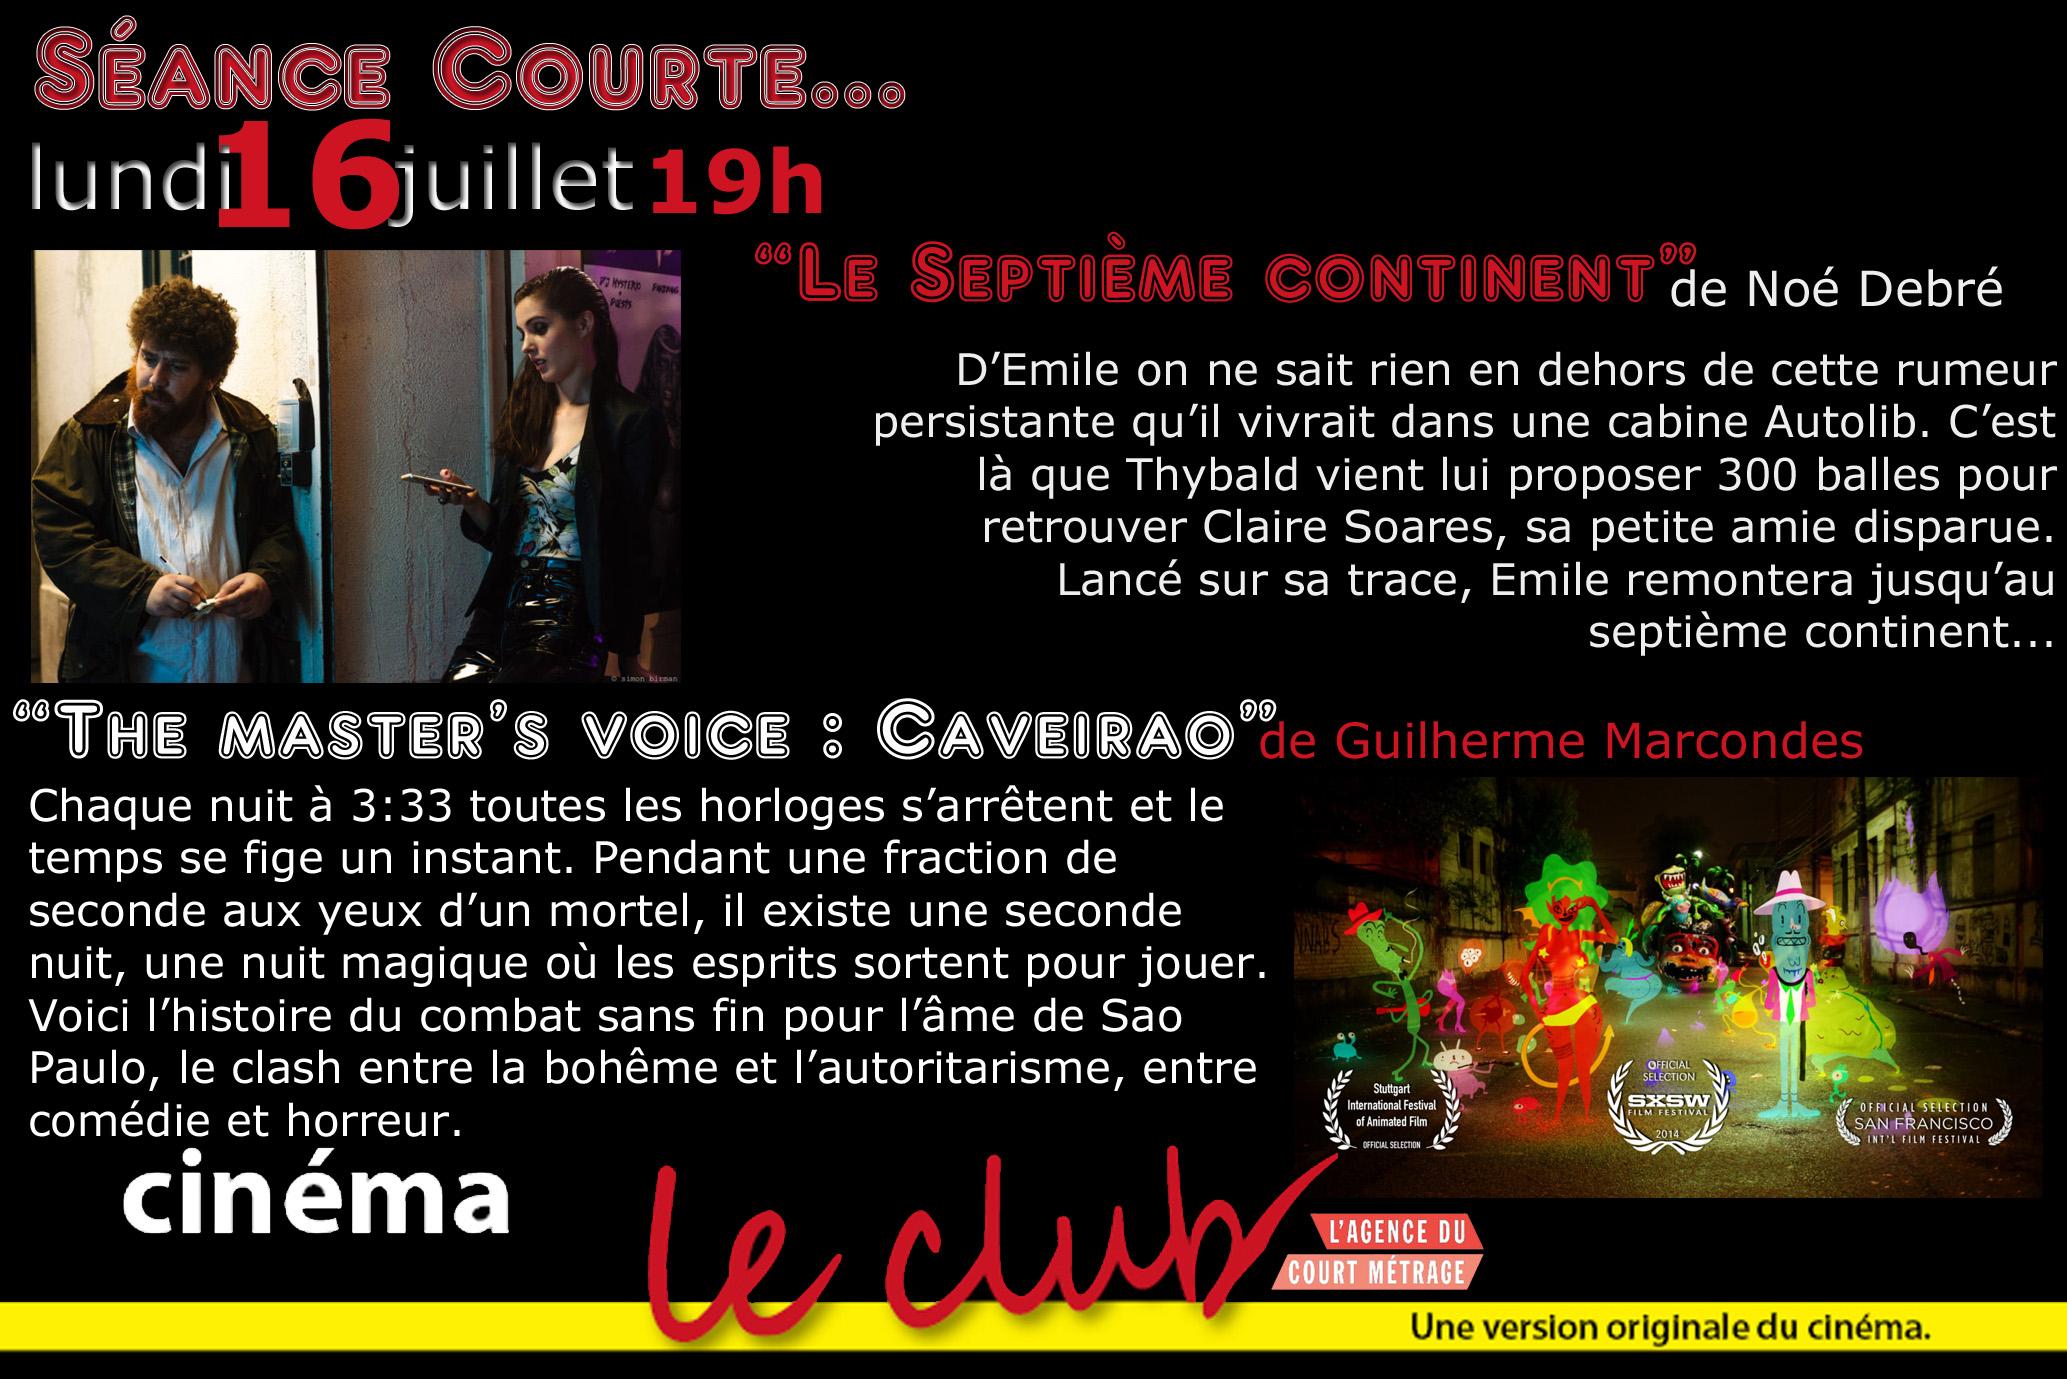 Le Essaigt; Et Art Cinéma Club QrtsxdhC